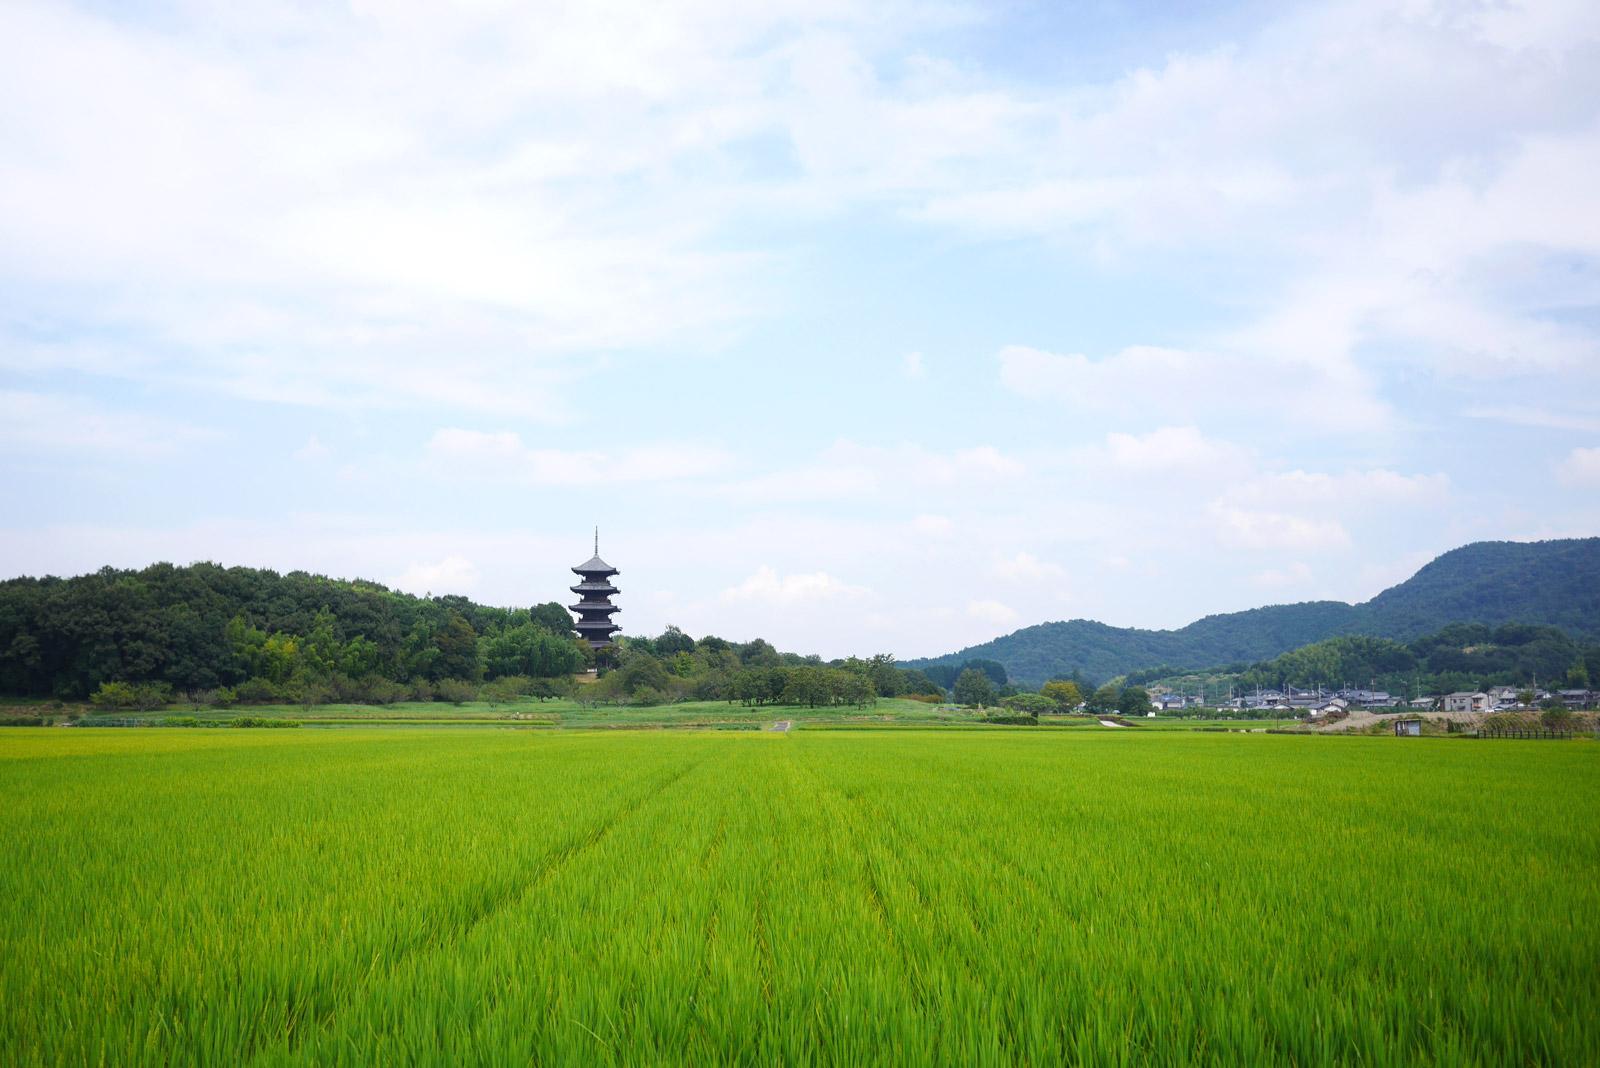 吉備路で日本の風景を味わう 前編